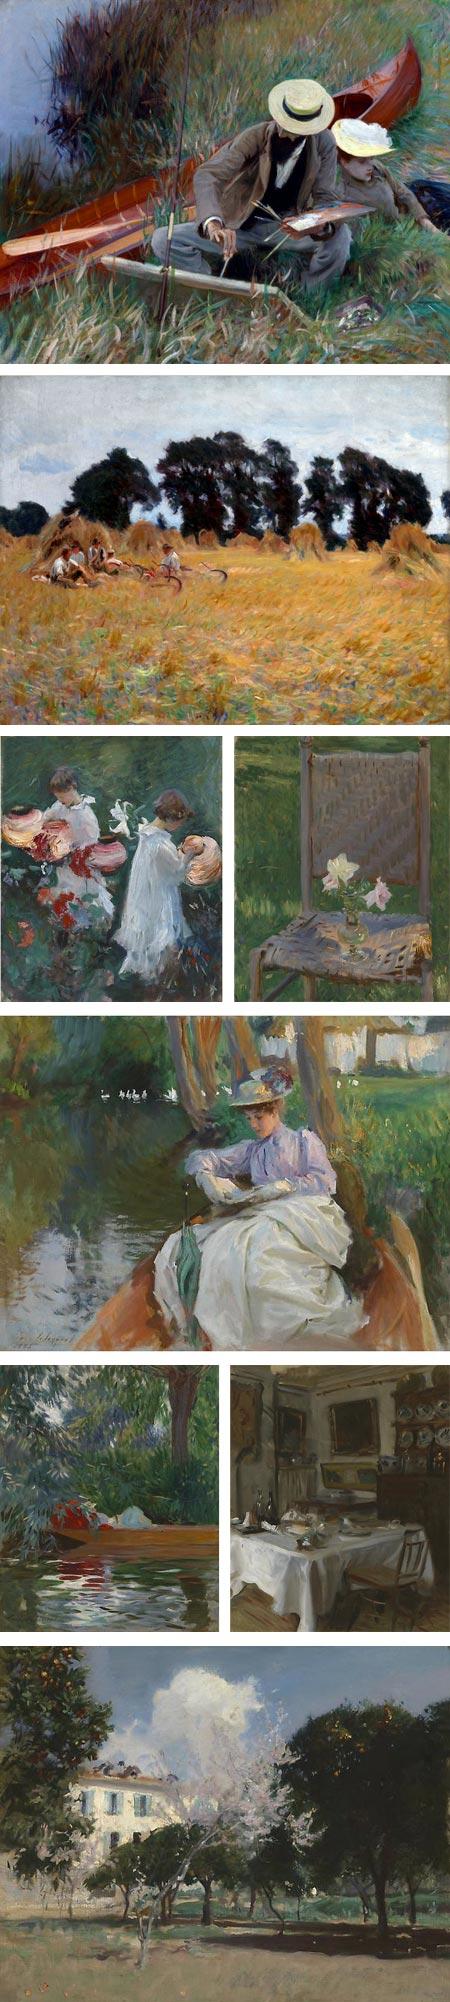 Sargent and Impressionism, John Singer Sargent